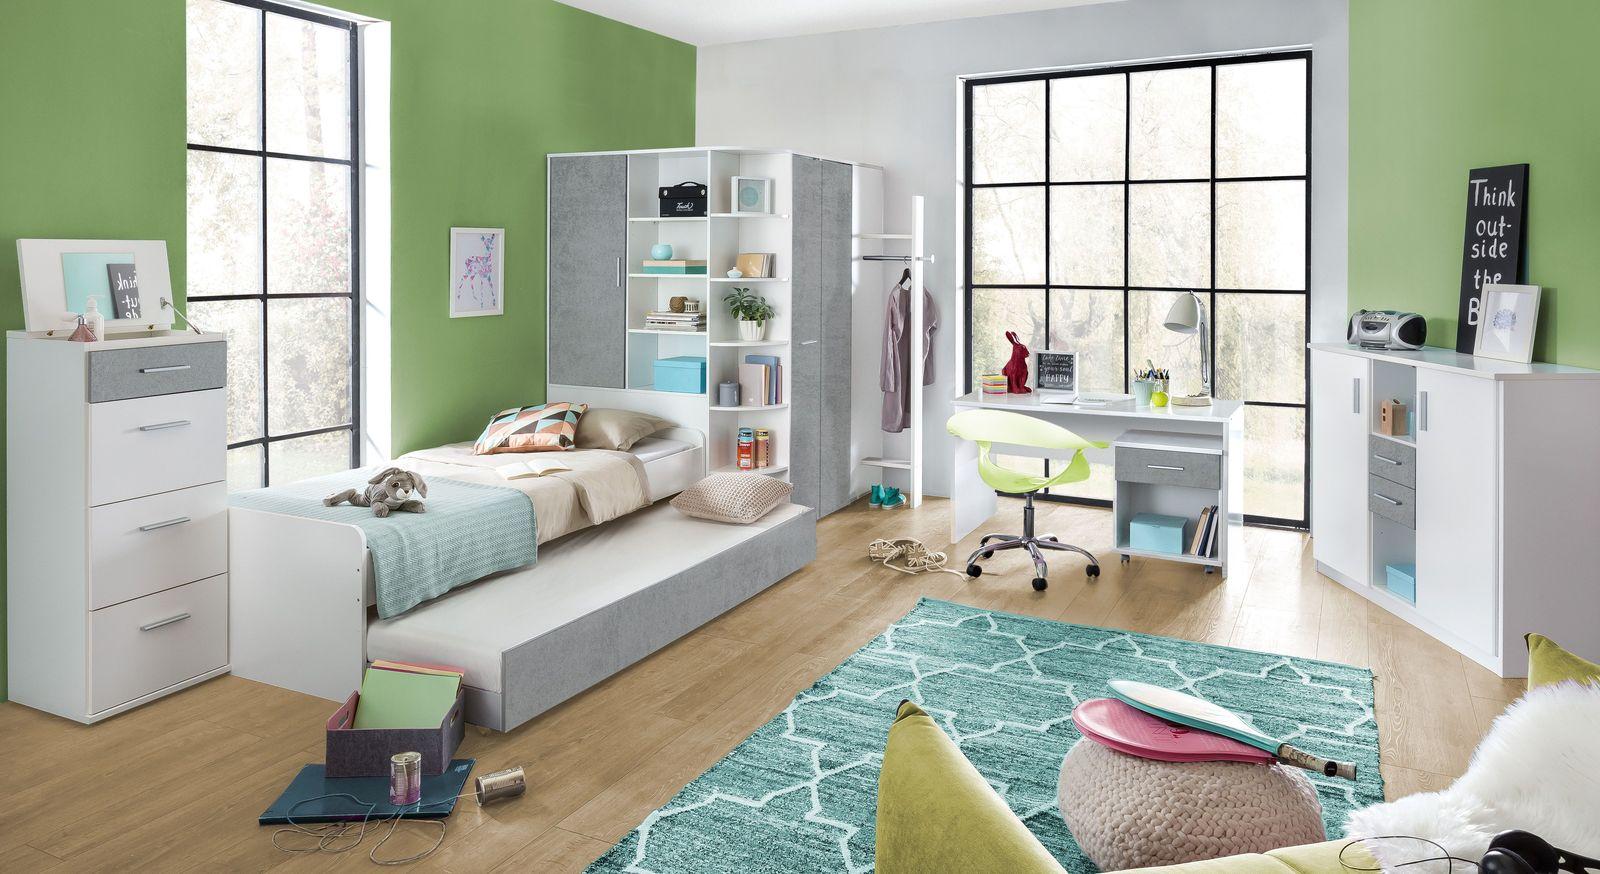 Jugendzimmer Porvenir mit passenden Möbeln